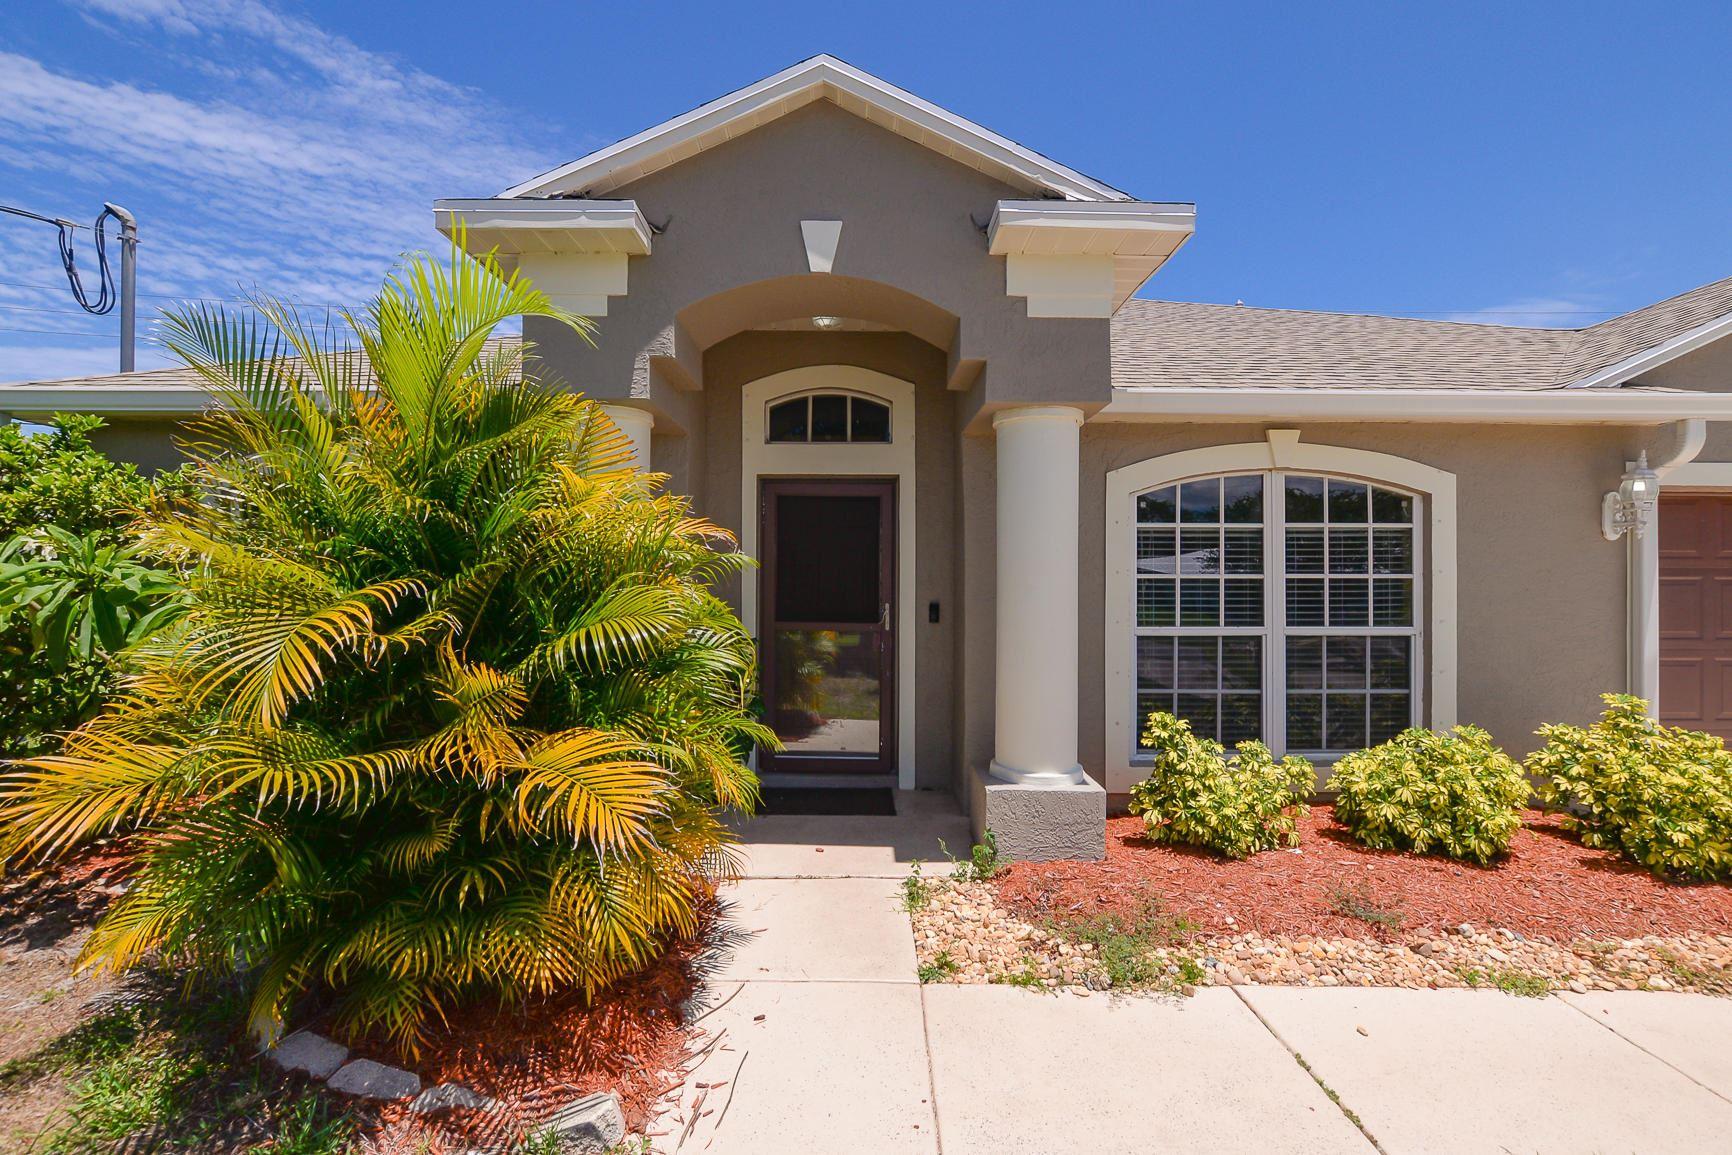 589 SE Nome Drive, Port Saint Lucie, FL 34984 - #: RX-10722619